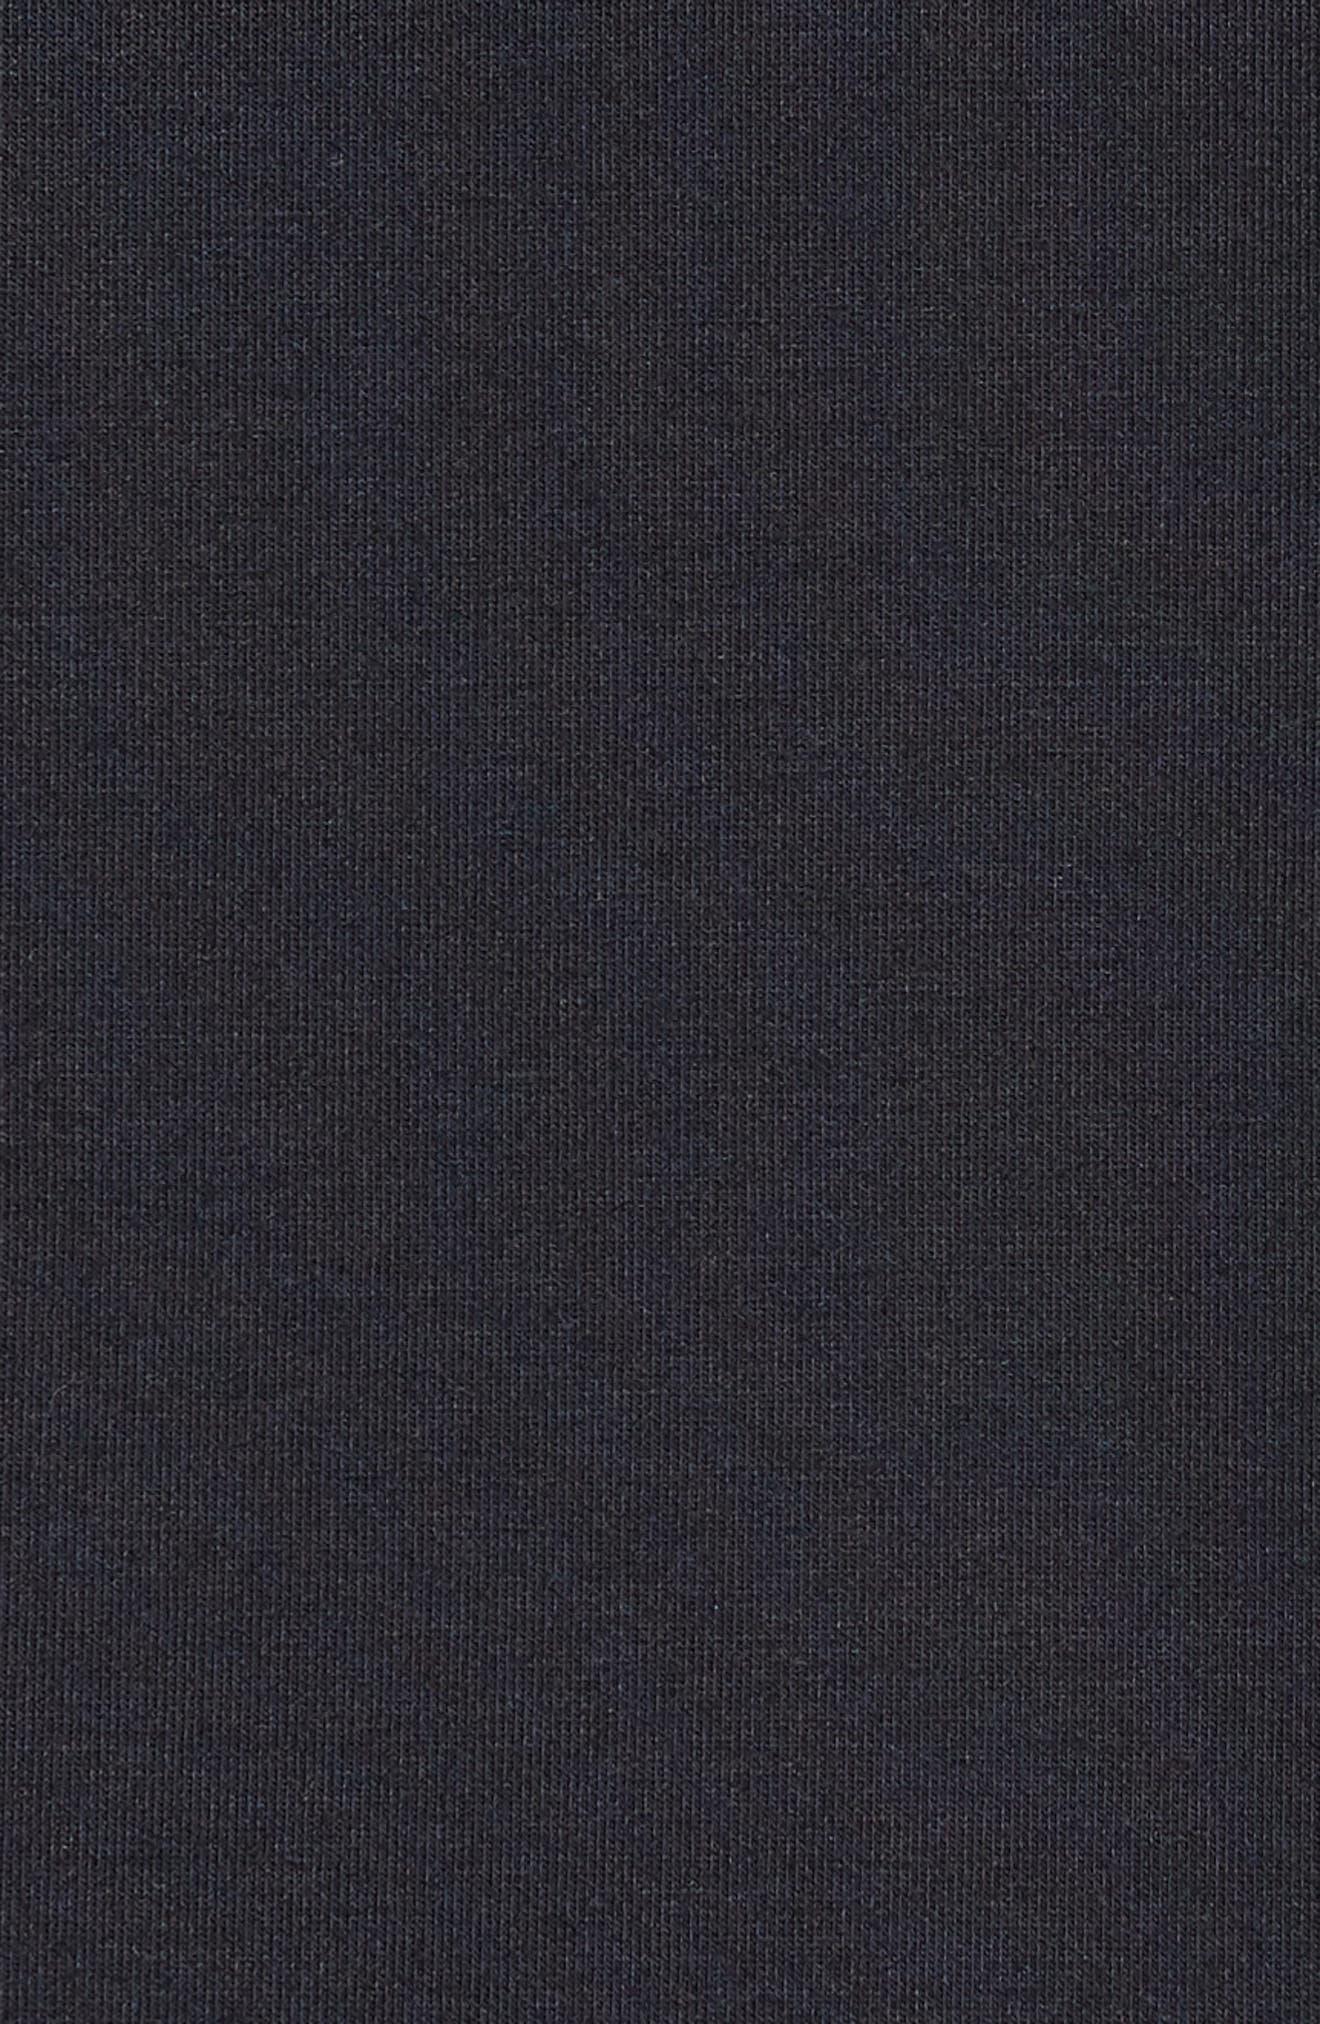 ZELLA, Blocked Performance Zip Hoodie, Alternate thumbnail 6, color, BLACK